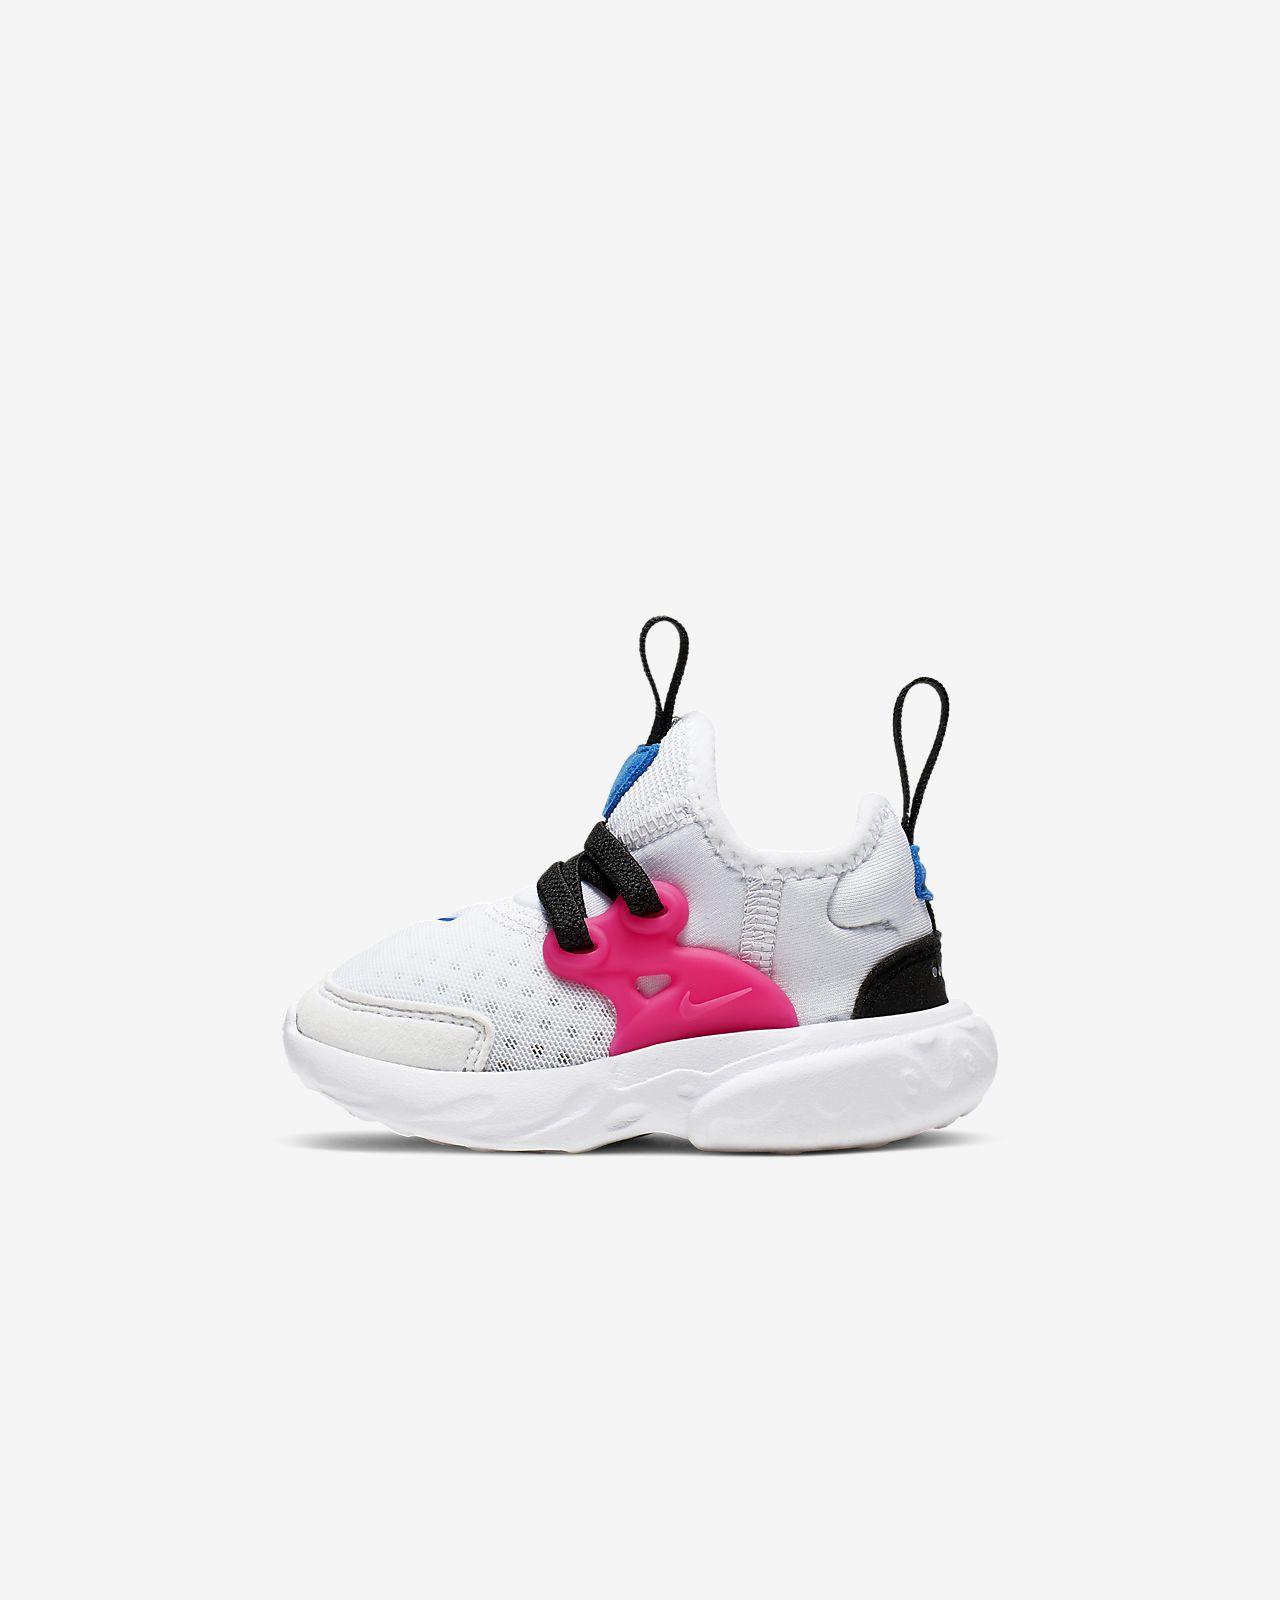 Sko Nike RT Presto för baby/små barn